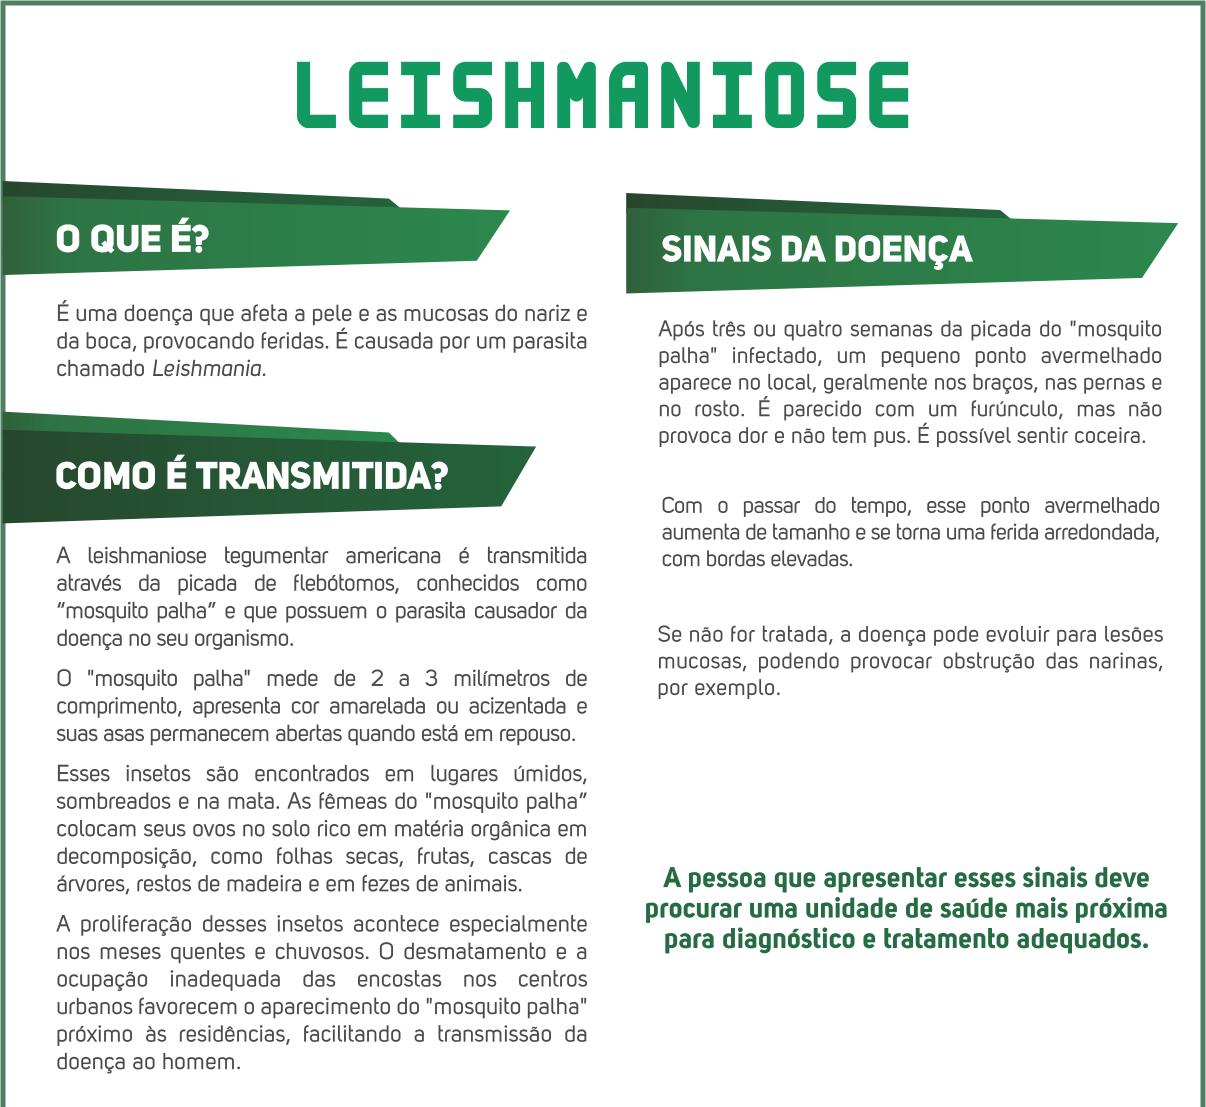 leishmaniose001 - CFMV atualiza documento informativo sobre Leishmaniose Visceral Canina